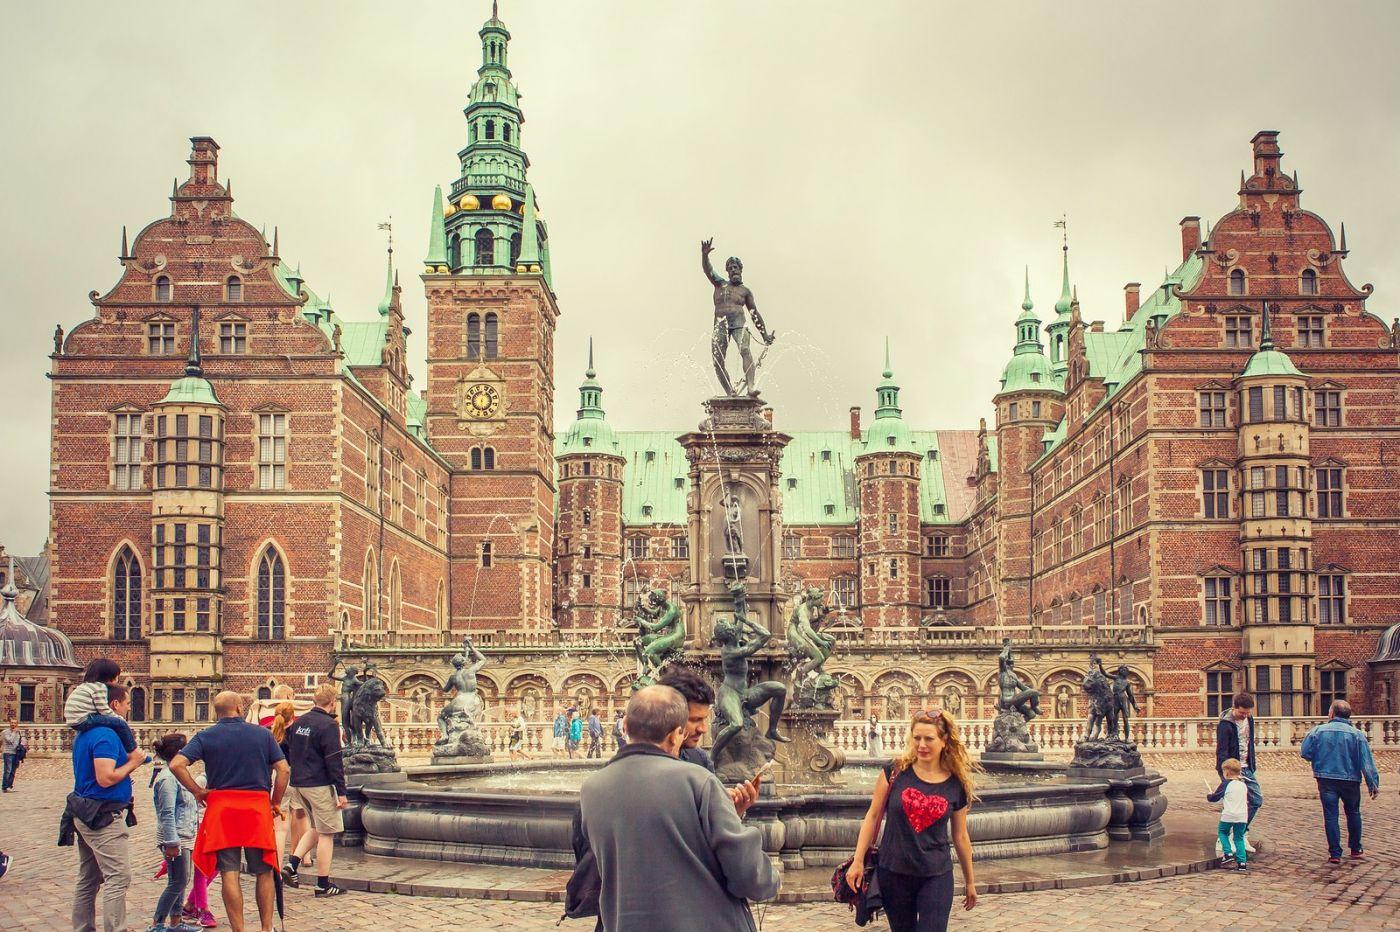 丹麦腓特烈堡城堡,当年的风采_图1-5